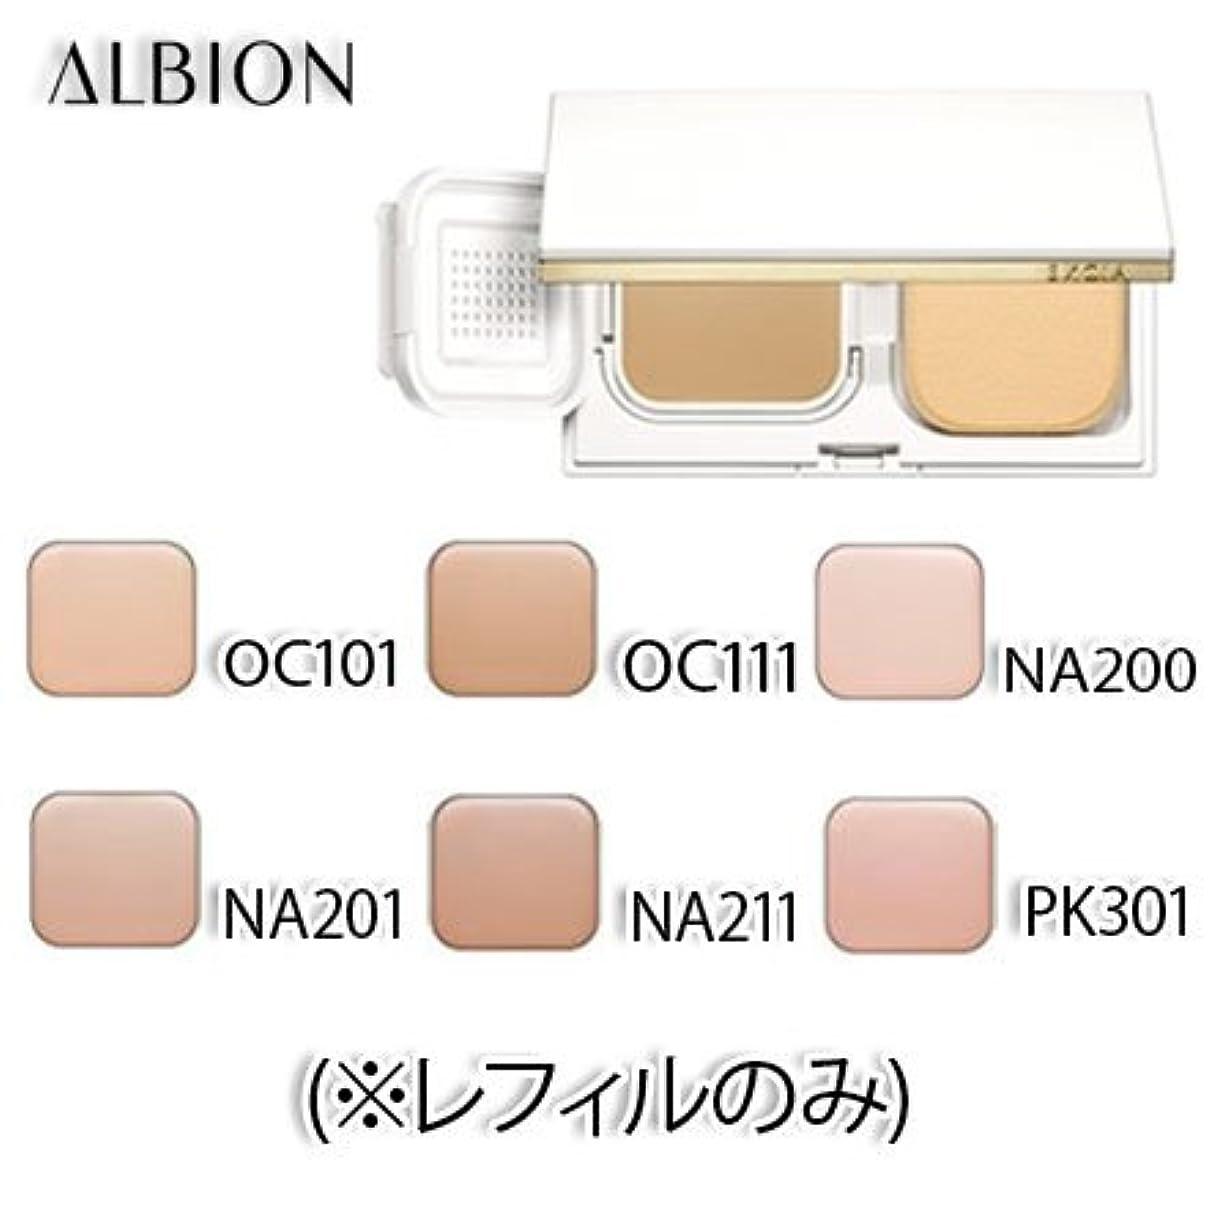 ハンドブックに対処するカウンターパートアルビオン エクシア AL リフティング エマルジョン ホワイト 6色 SPF47 PA++++ (レフィルのみ) -ALBION- NA200